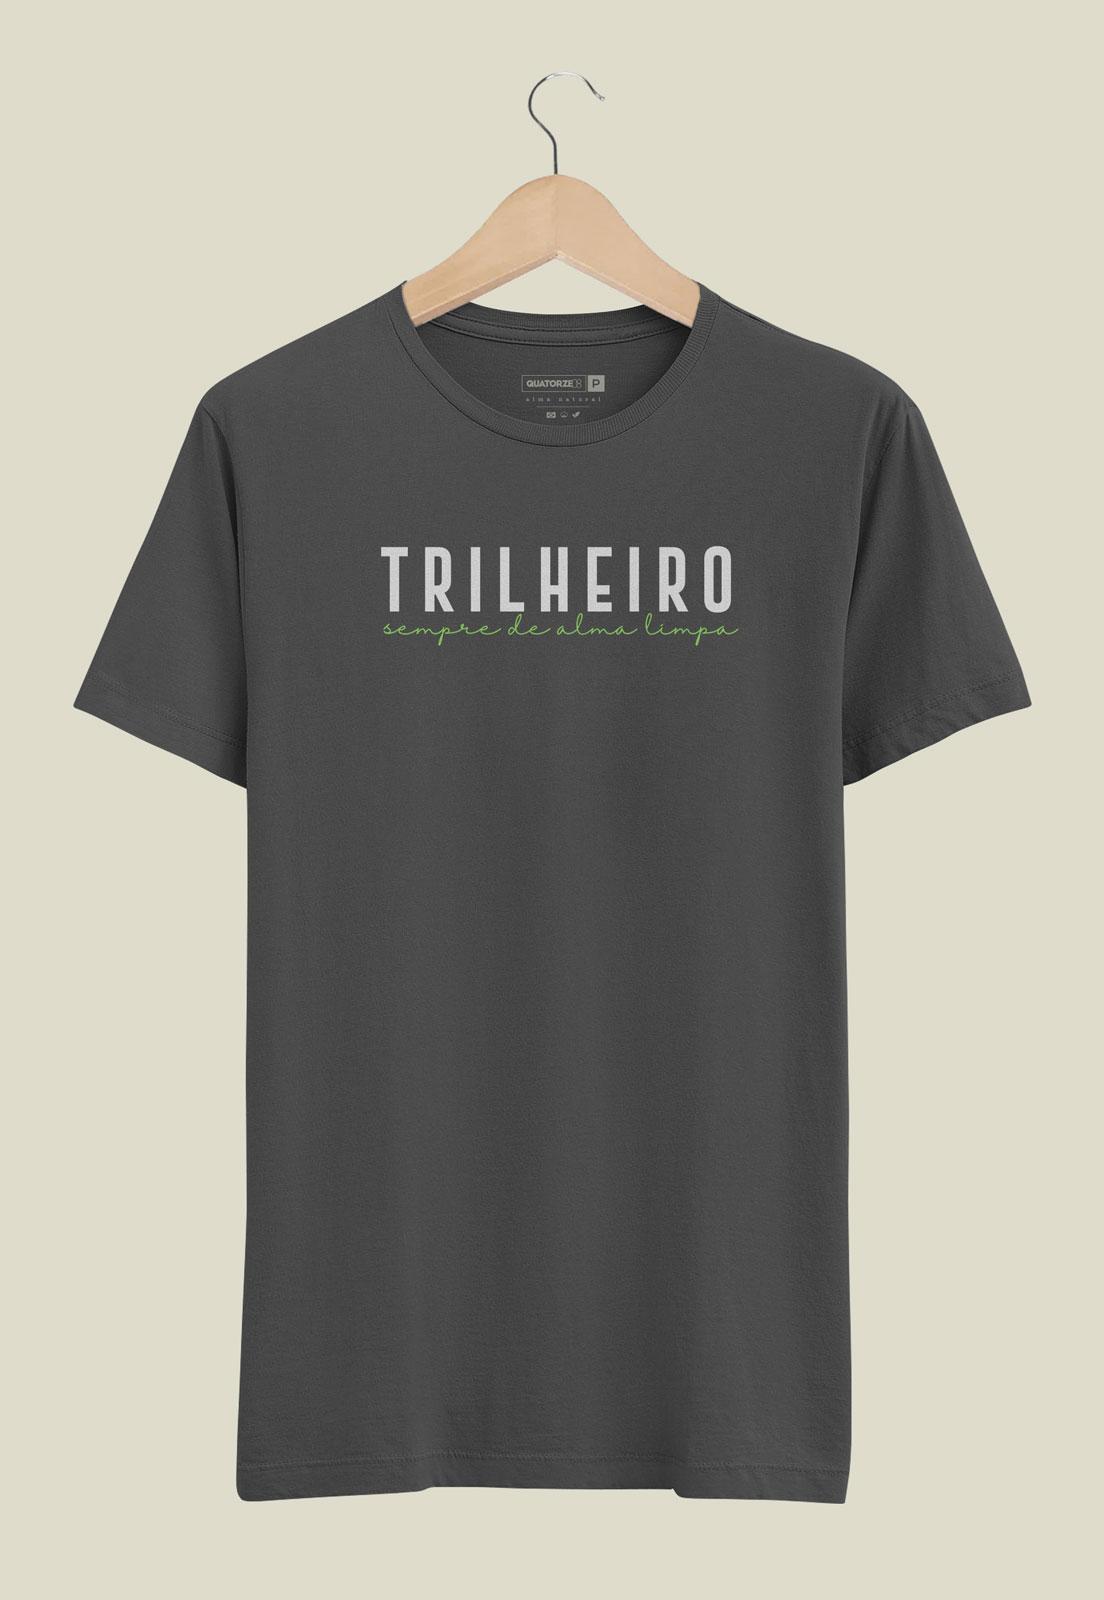 Caixa Presente Masculino - Camiseta Trilheiro Chumbo Estonada + Ecobag 100% algodão